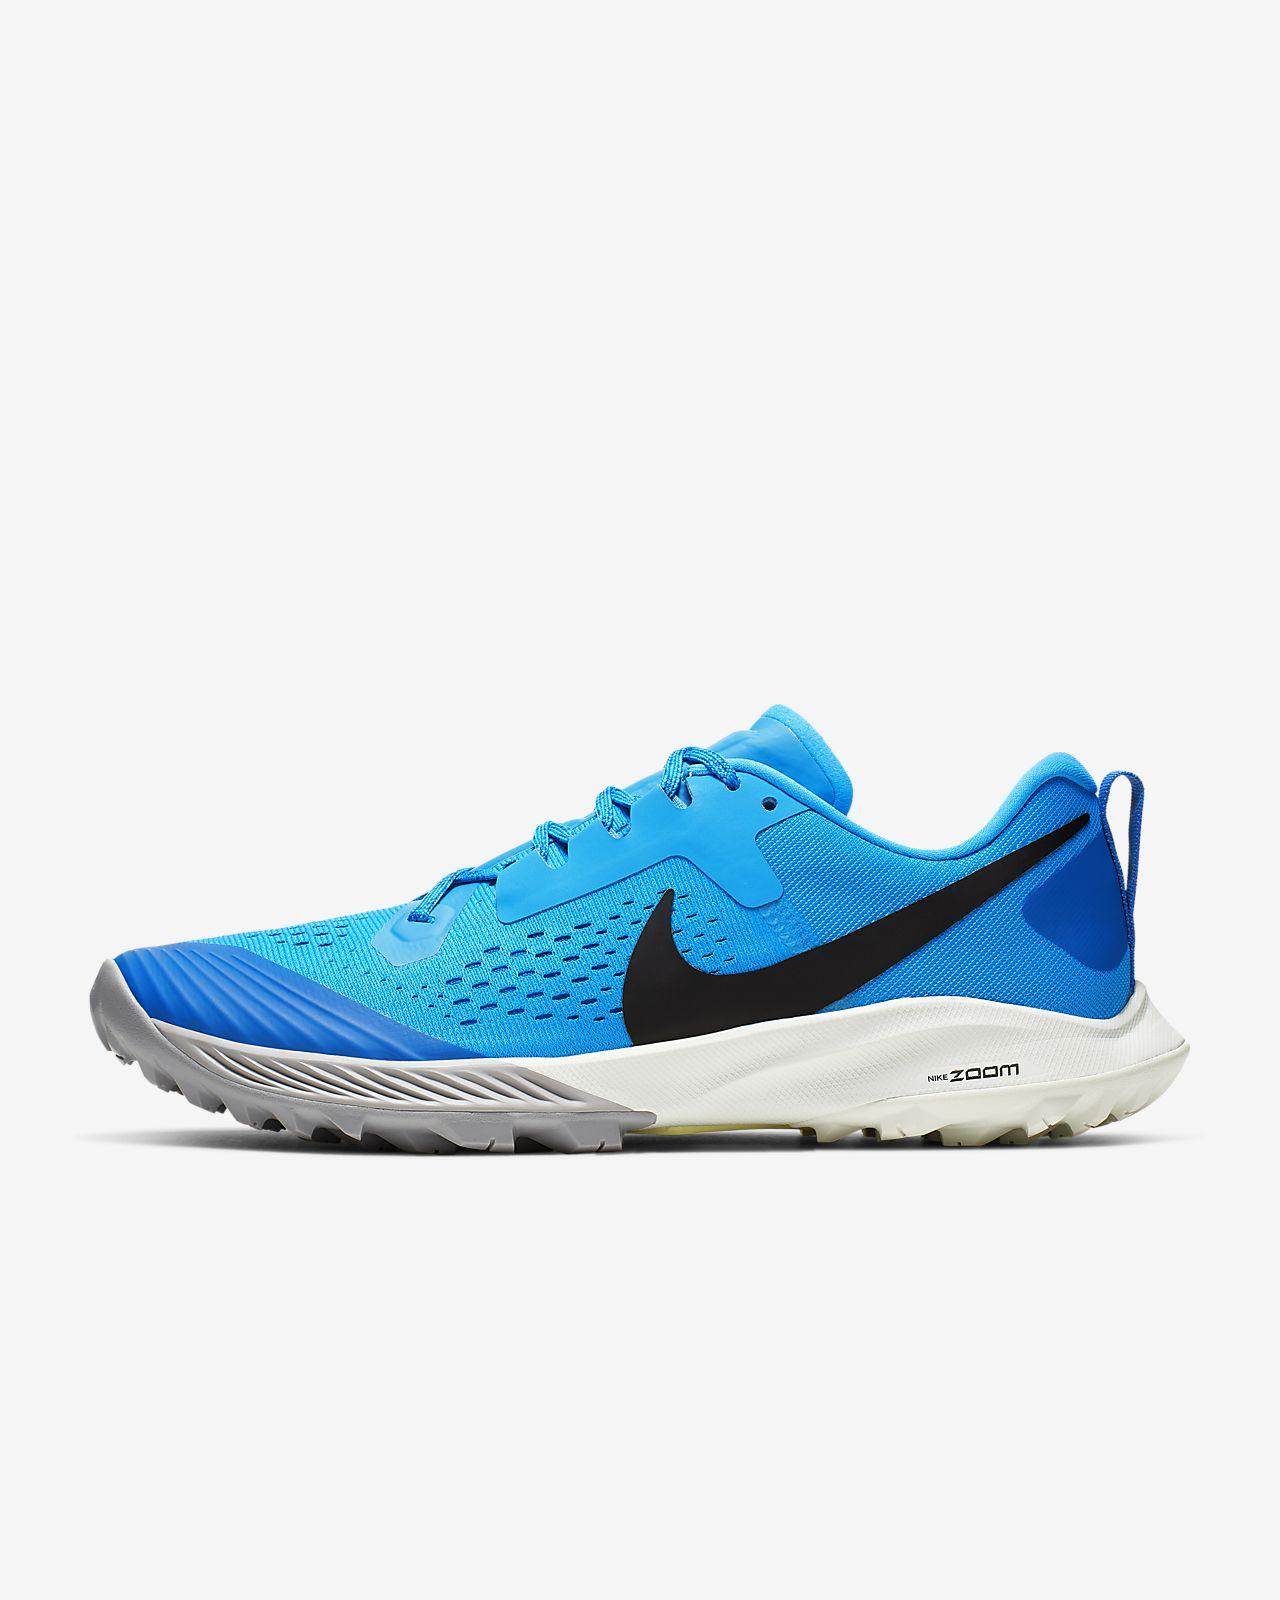 Löparsko Nike Air Zoom Terra Kiger 5 för män